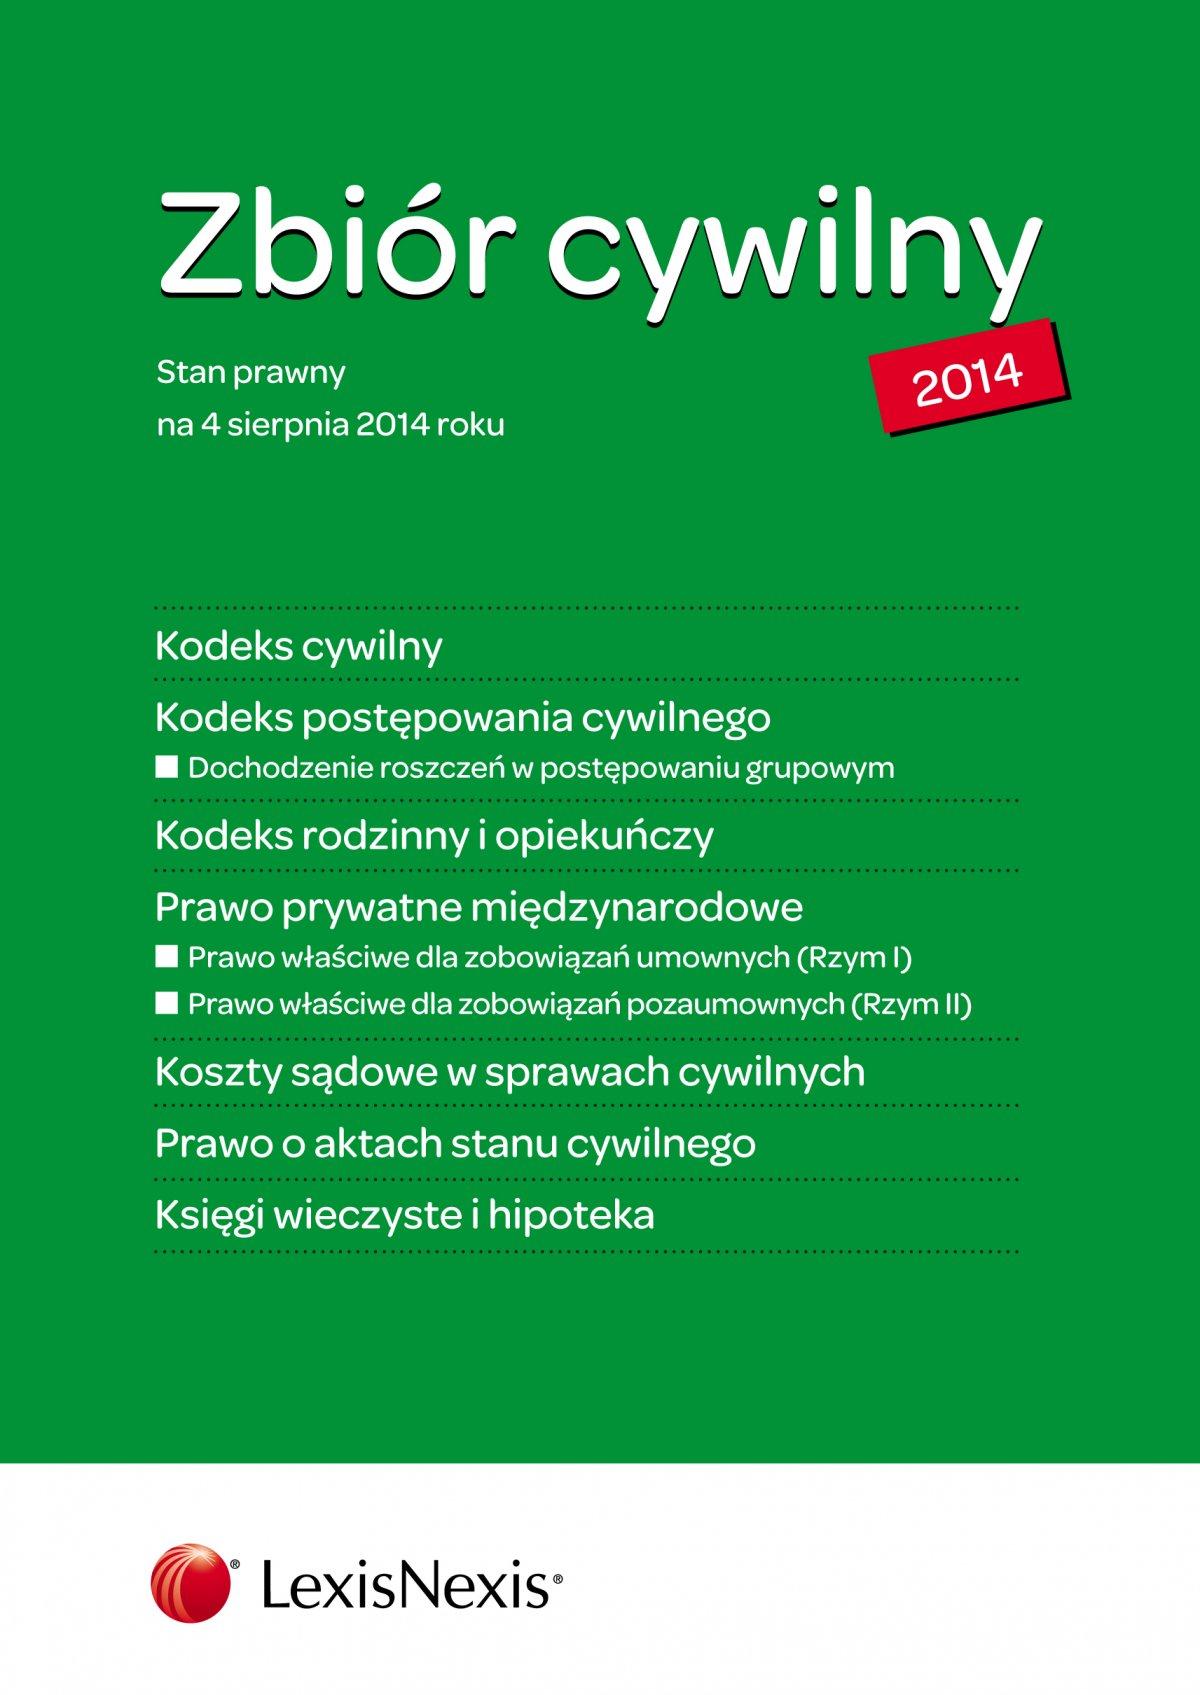 Zbiór cywilny. Wydanie 2 - Ebook (Książka EPUB) do pobrania w formacie EPUB